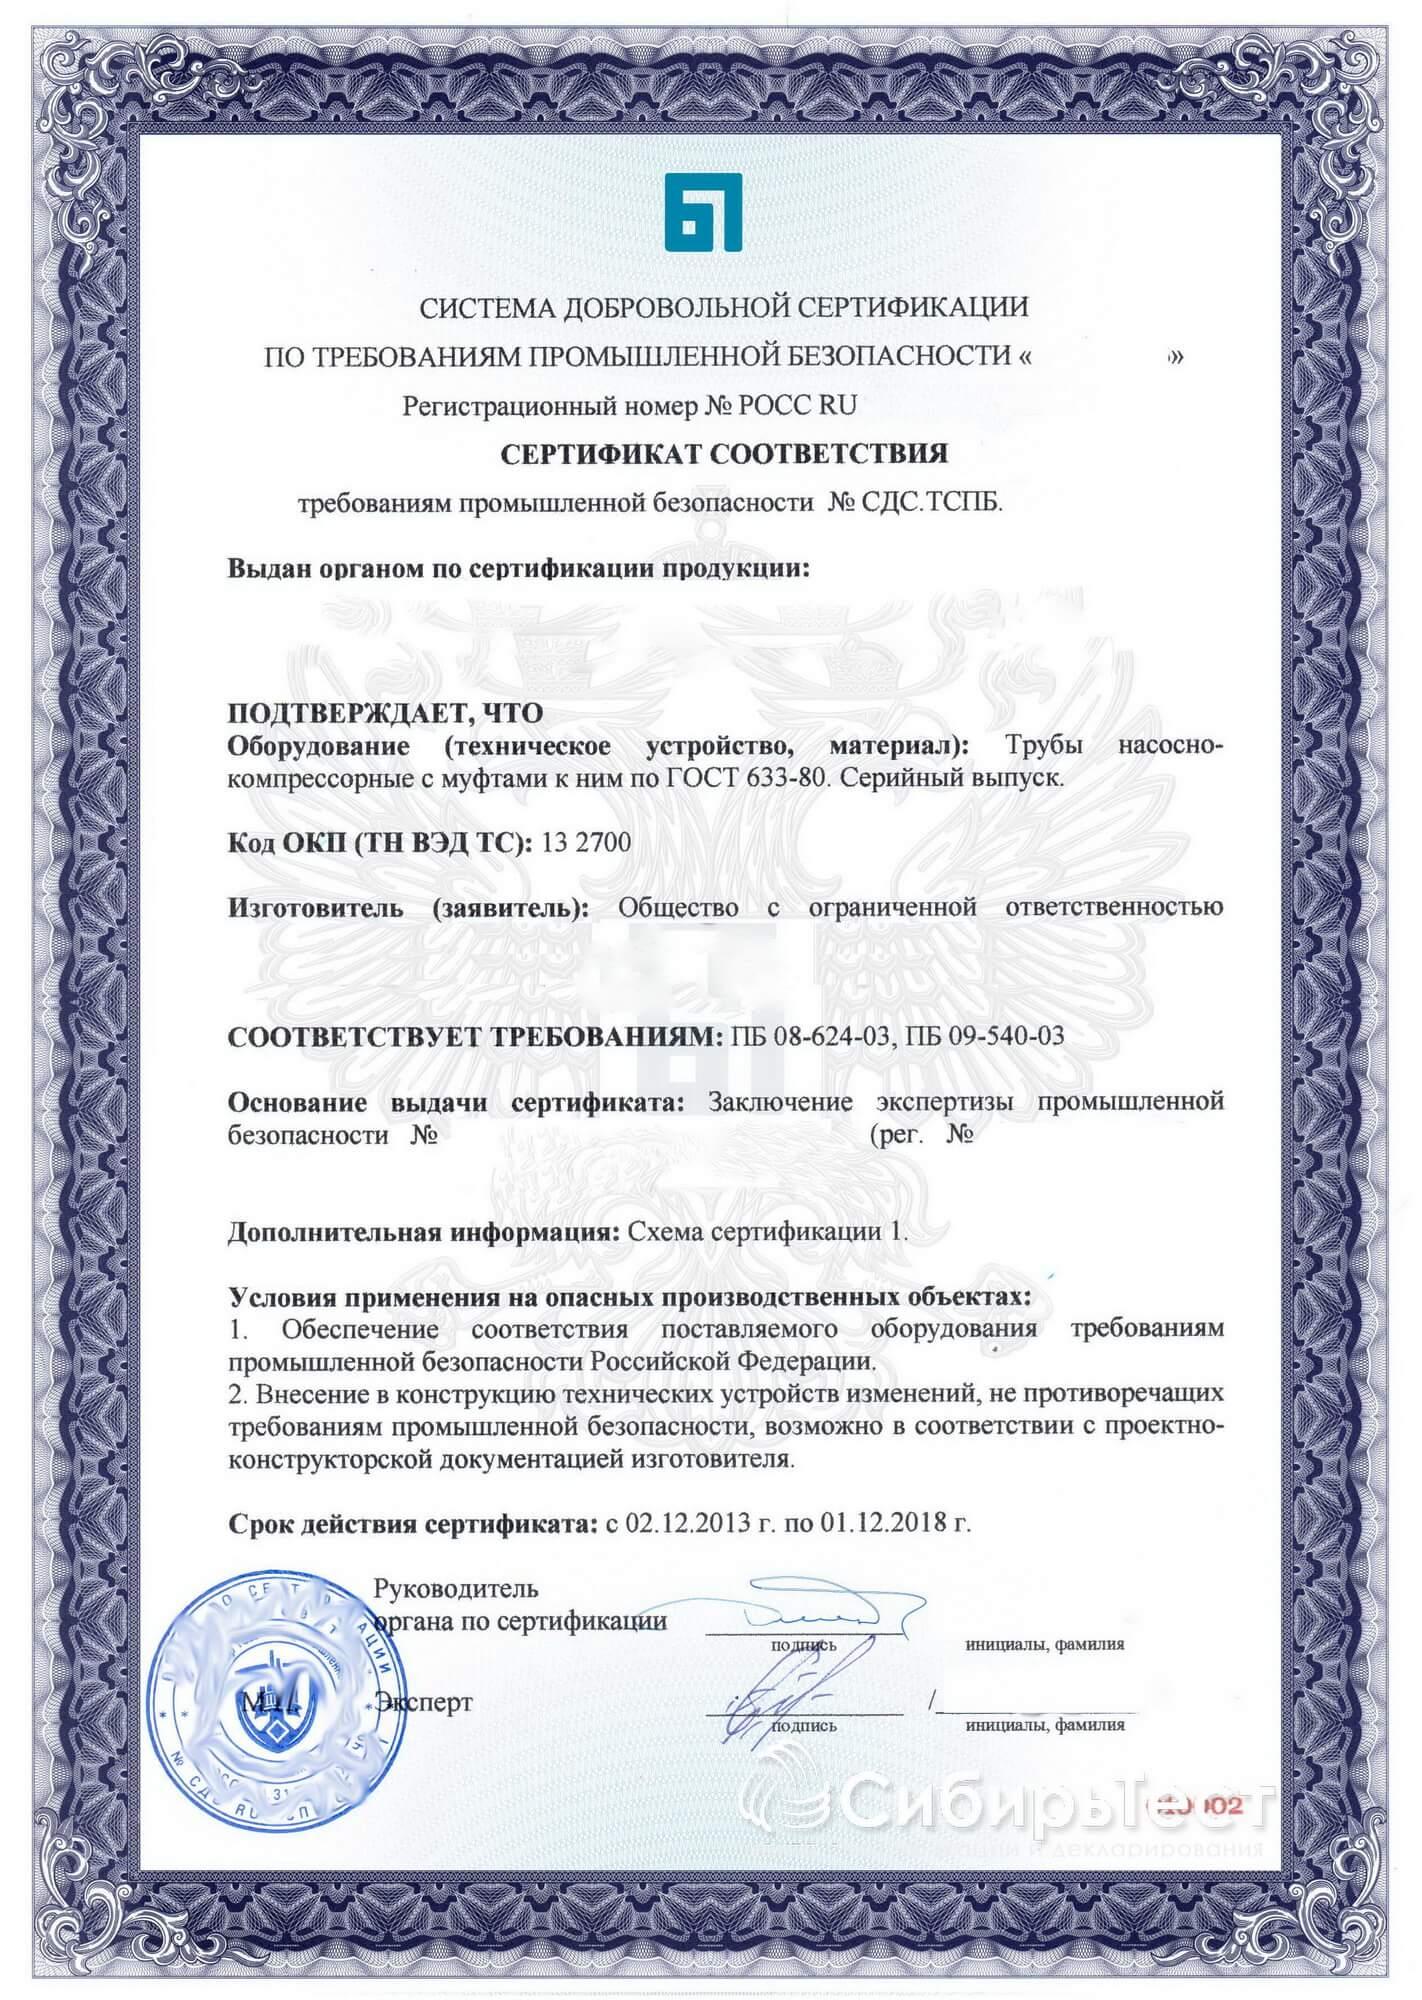 импортная лицензия образец